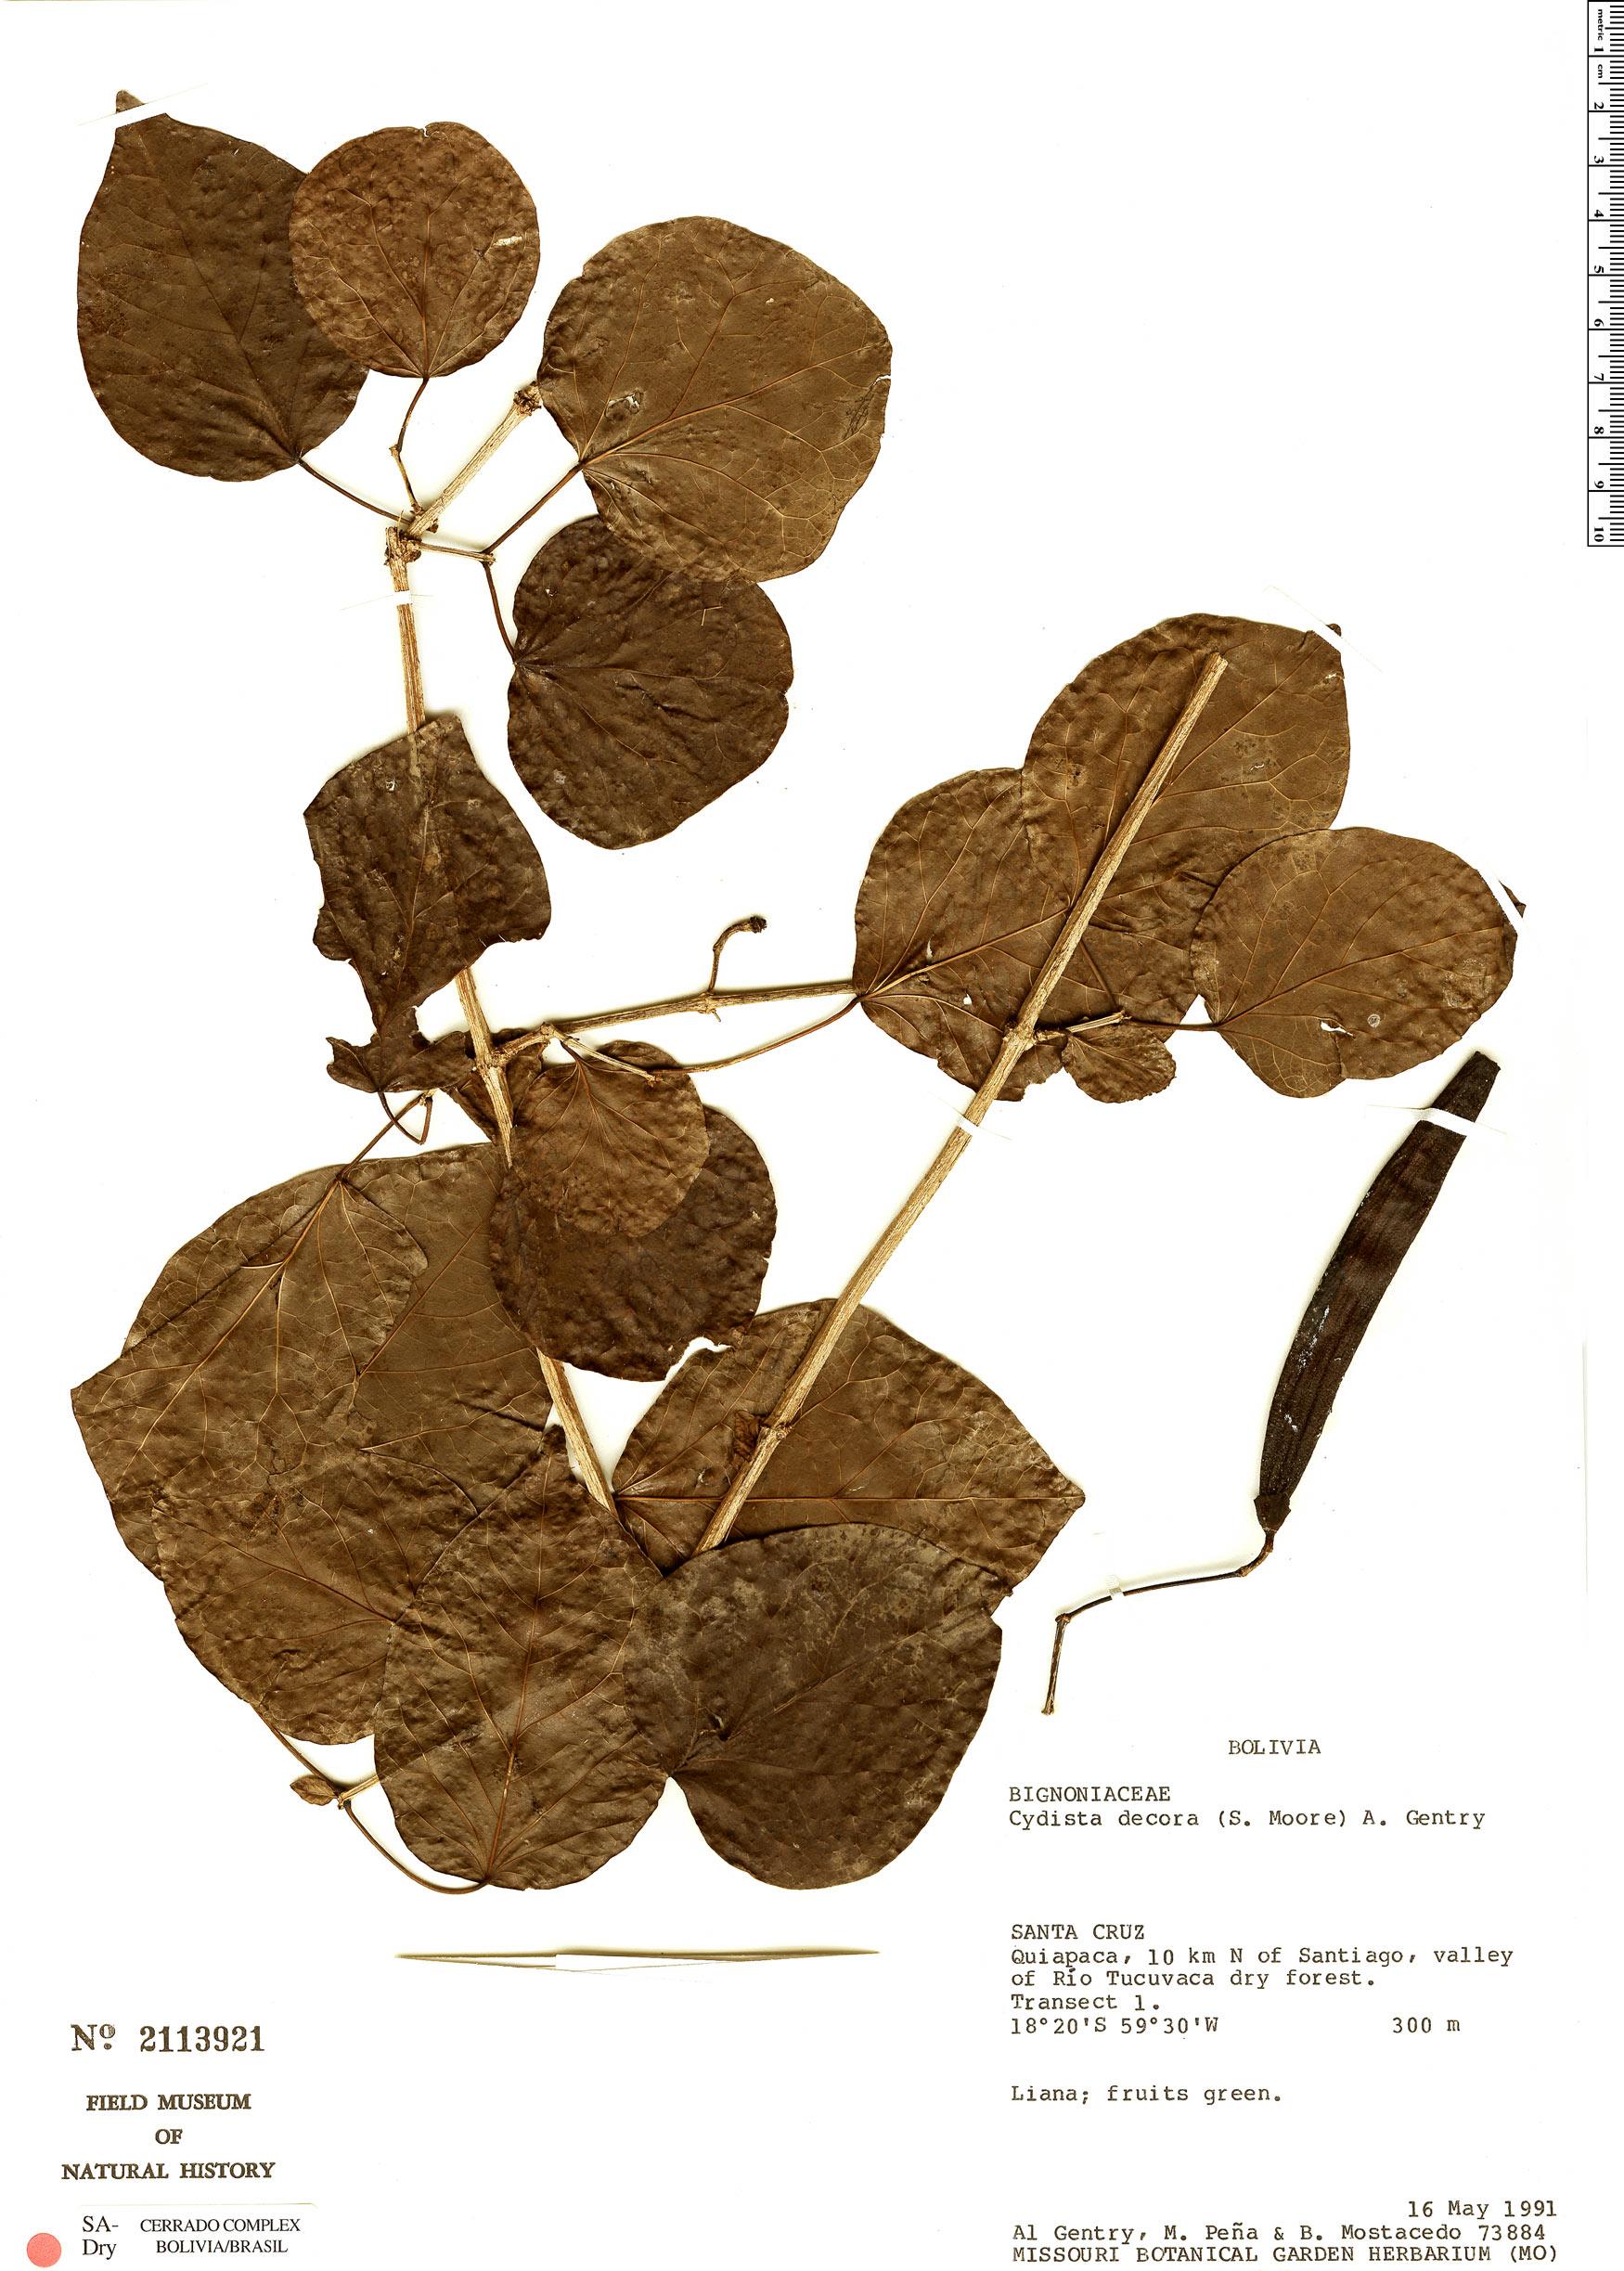 Specimen: Bignonia decora